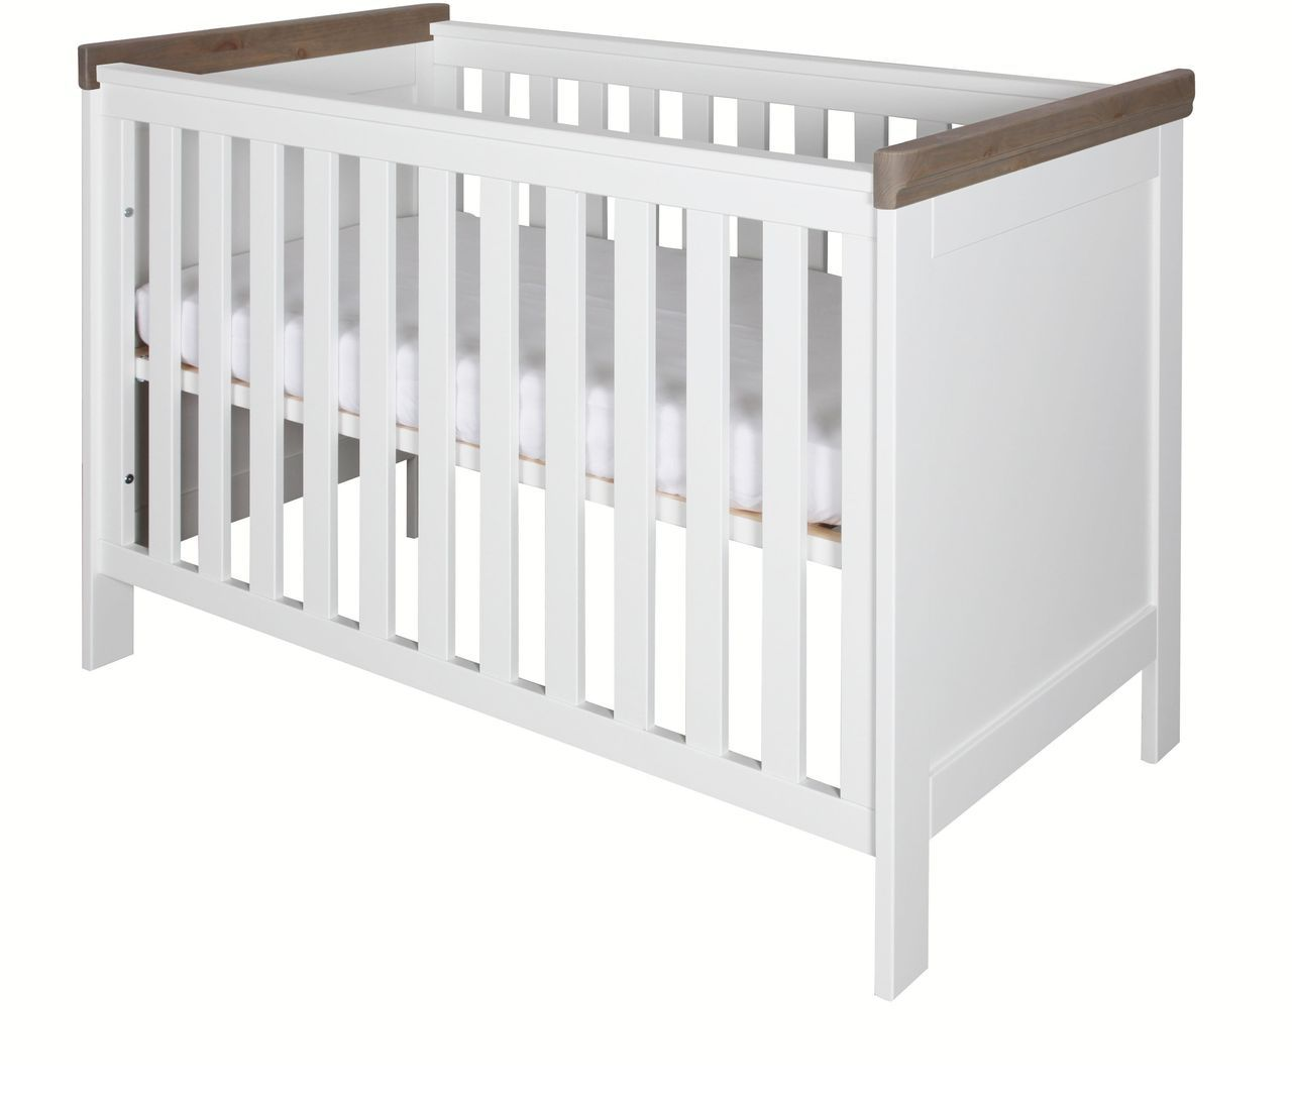 kidsmill babybett savona ohne kreuz 60x120 cm wei grau babybetten kinderzimmerm bel. Black Bedroom Furniture Sets. Home Design Ideas